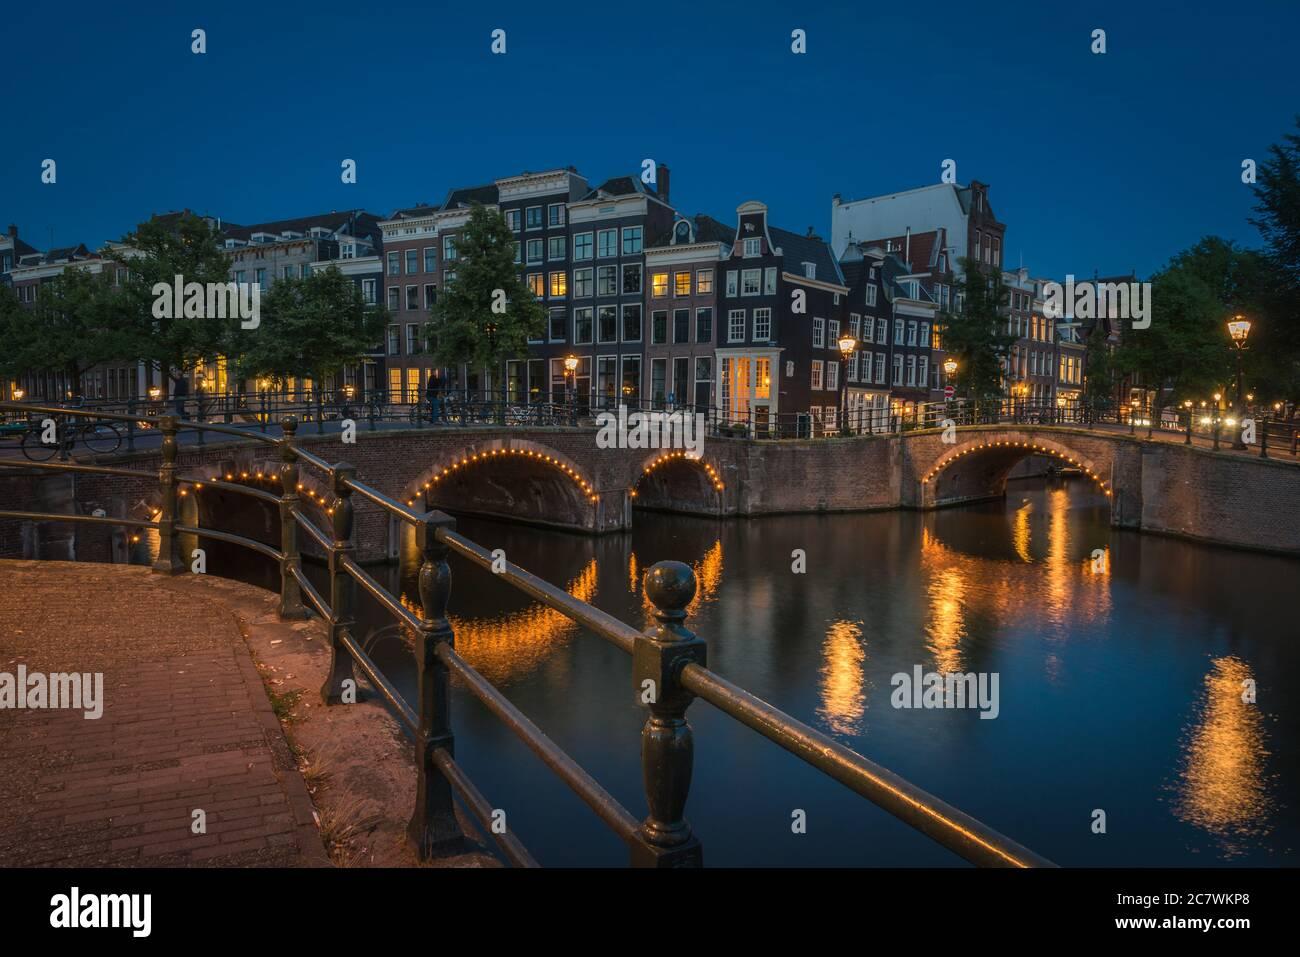 Les canaux illuminés la nuit, Amsterdam, pays-Bas Banque D'Images